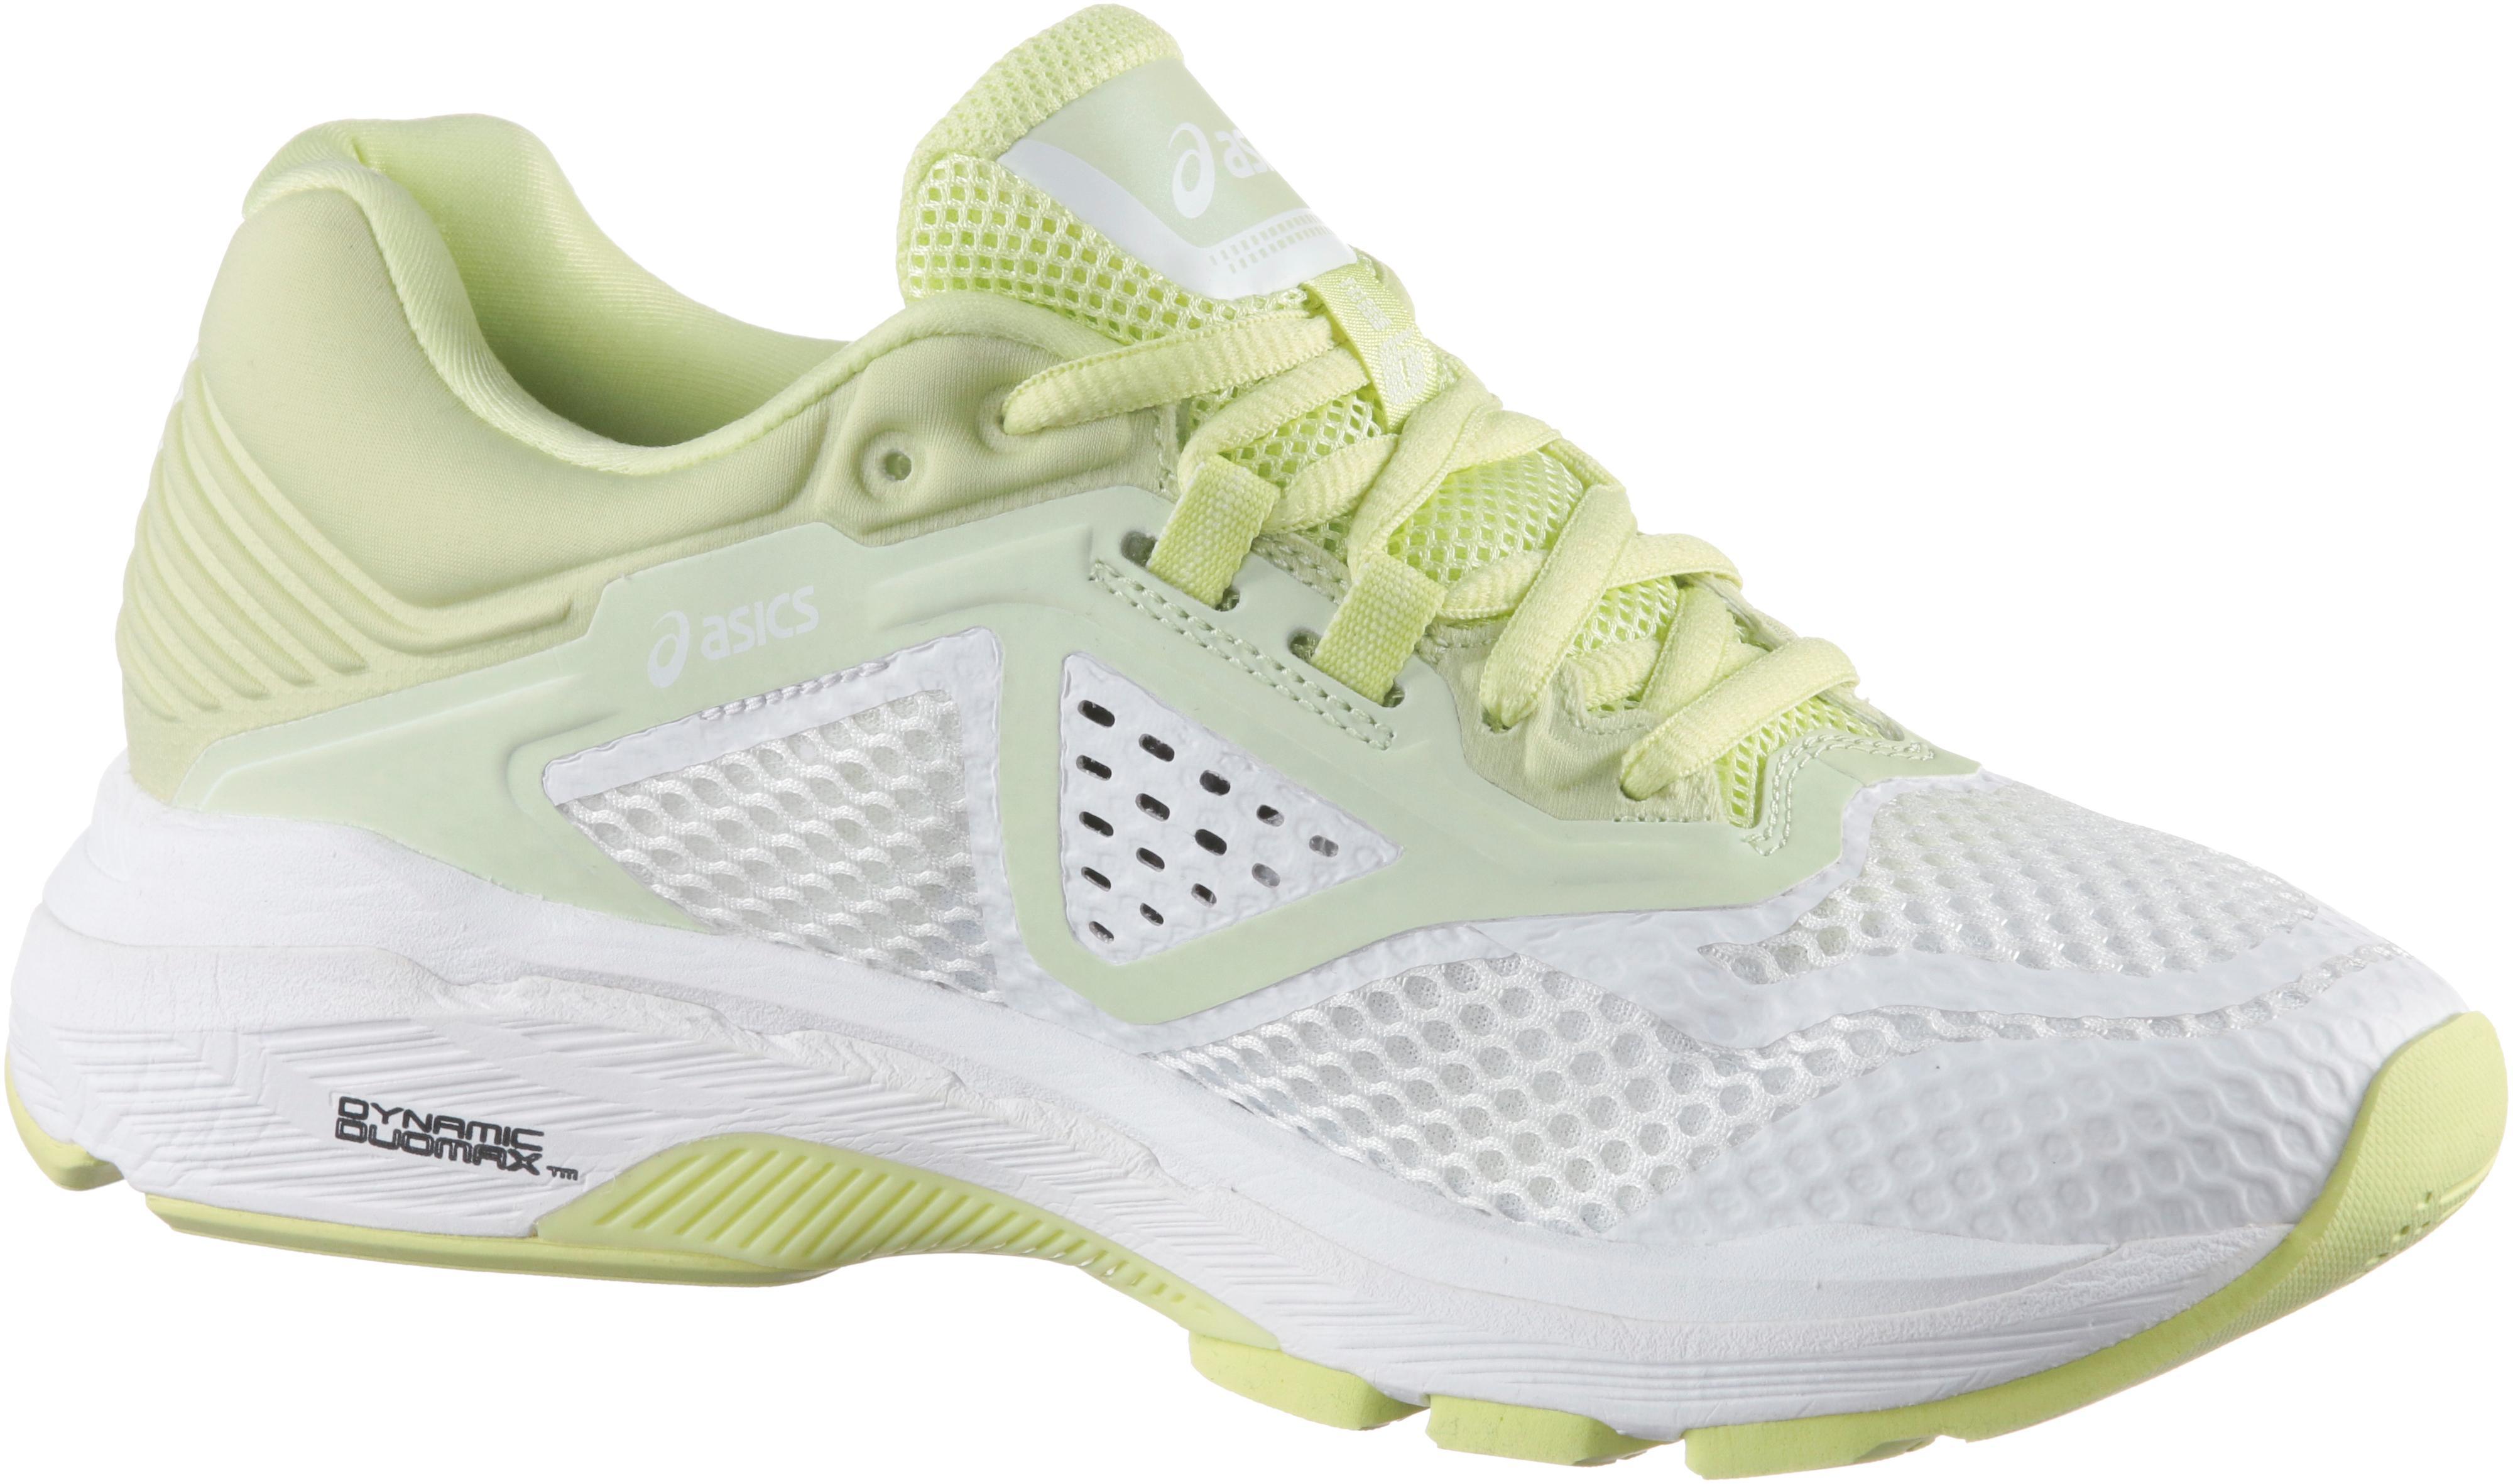 ASICS GT-2000 6 LITE-SHOW Laufschuhe Damen Weiß-Silber-limelight Weiß-Silber-limelight Weiß-Silber-limelight im Online Shop von SportScheck kaufen Gute Qualität beliebte Schuhe 10dbc7